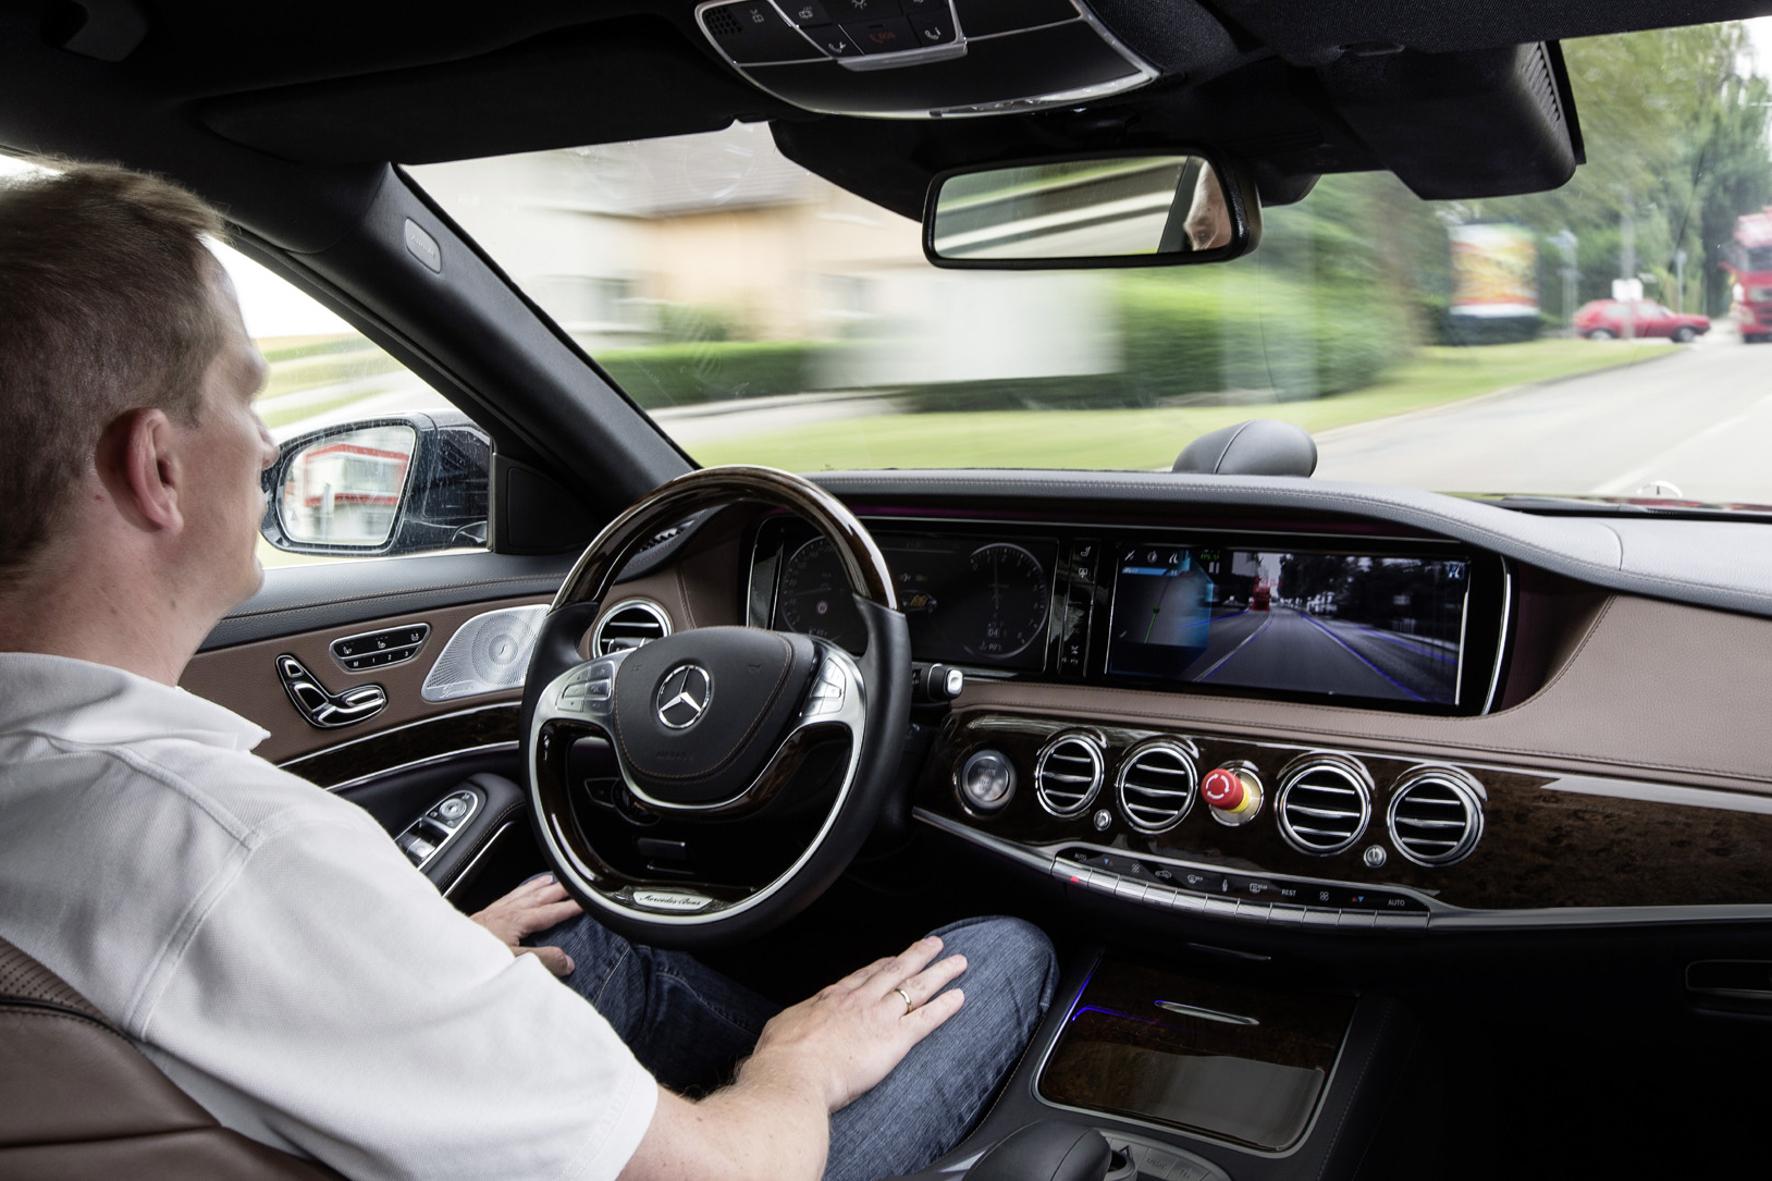 mid Groß-Gerau - Deutsche Autofahrer stehen autonom fahrenden Autos eher skeptisch gegenüber.